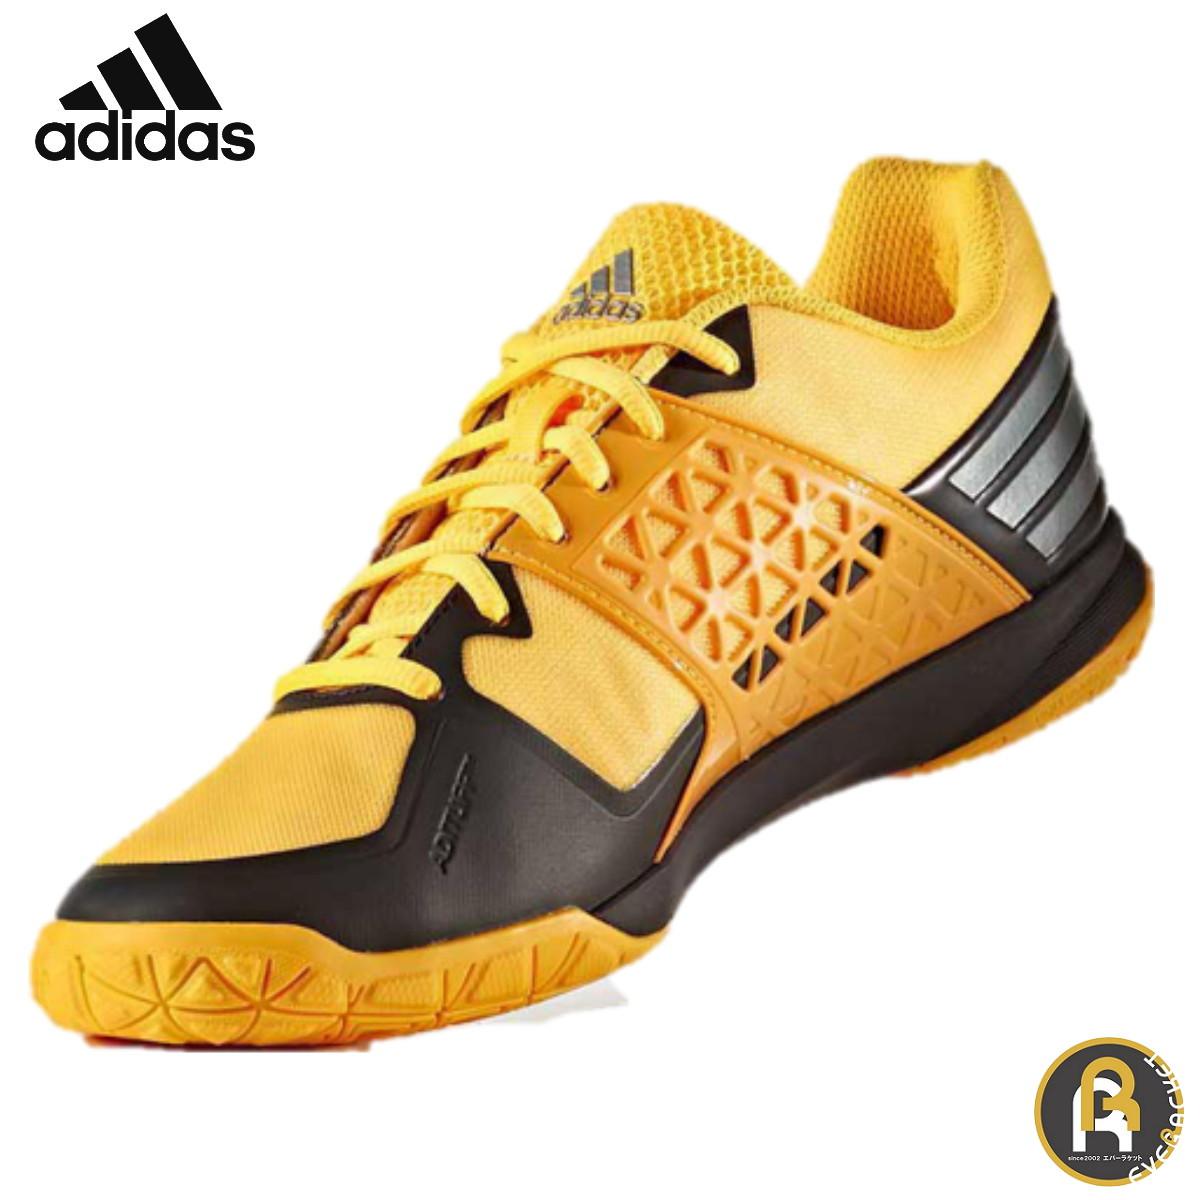 【スーパーセールポイント5倍】adidas アディダススリービー ラケットスポーツジャパン バドミントン バドミントンシューズ ウバシャルF6 BB4836